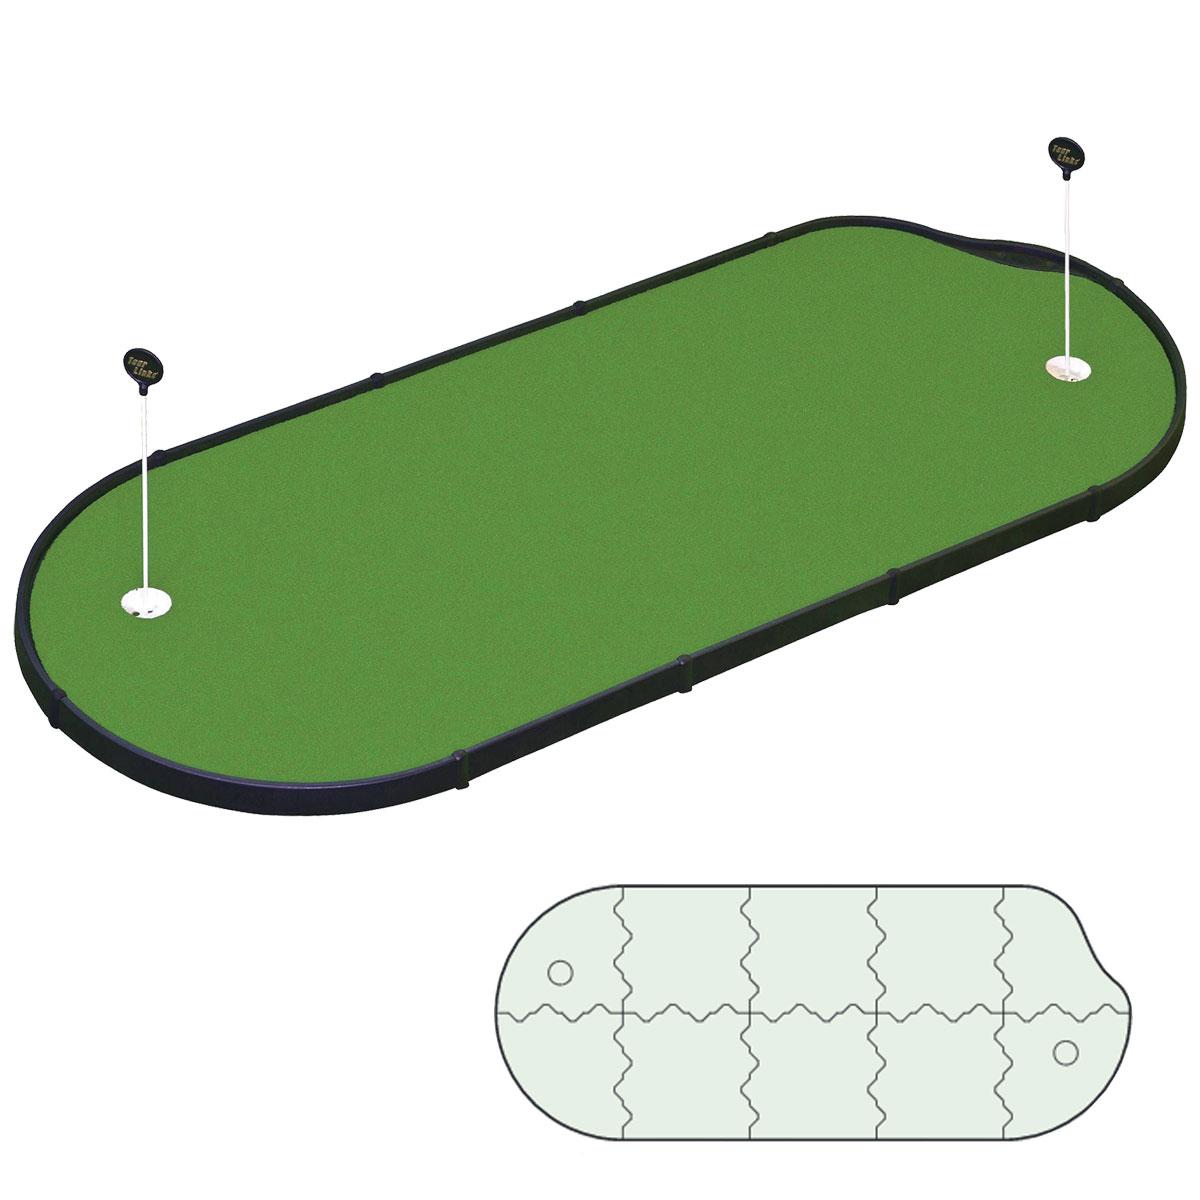 【【最大3300円OFFクーポン】】TourLinks(ツアーリンクス)日本正規品 4×10PAR SAVER PUTTING GREEN(パーソナルパッティンググリーンパーセーバー) 全天候型パッティング練習組み立て式マット 「PG-10-PM-1(Z-127)」